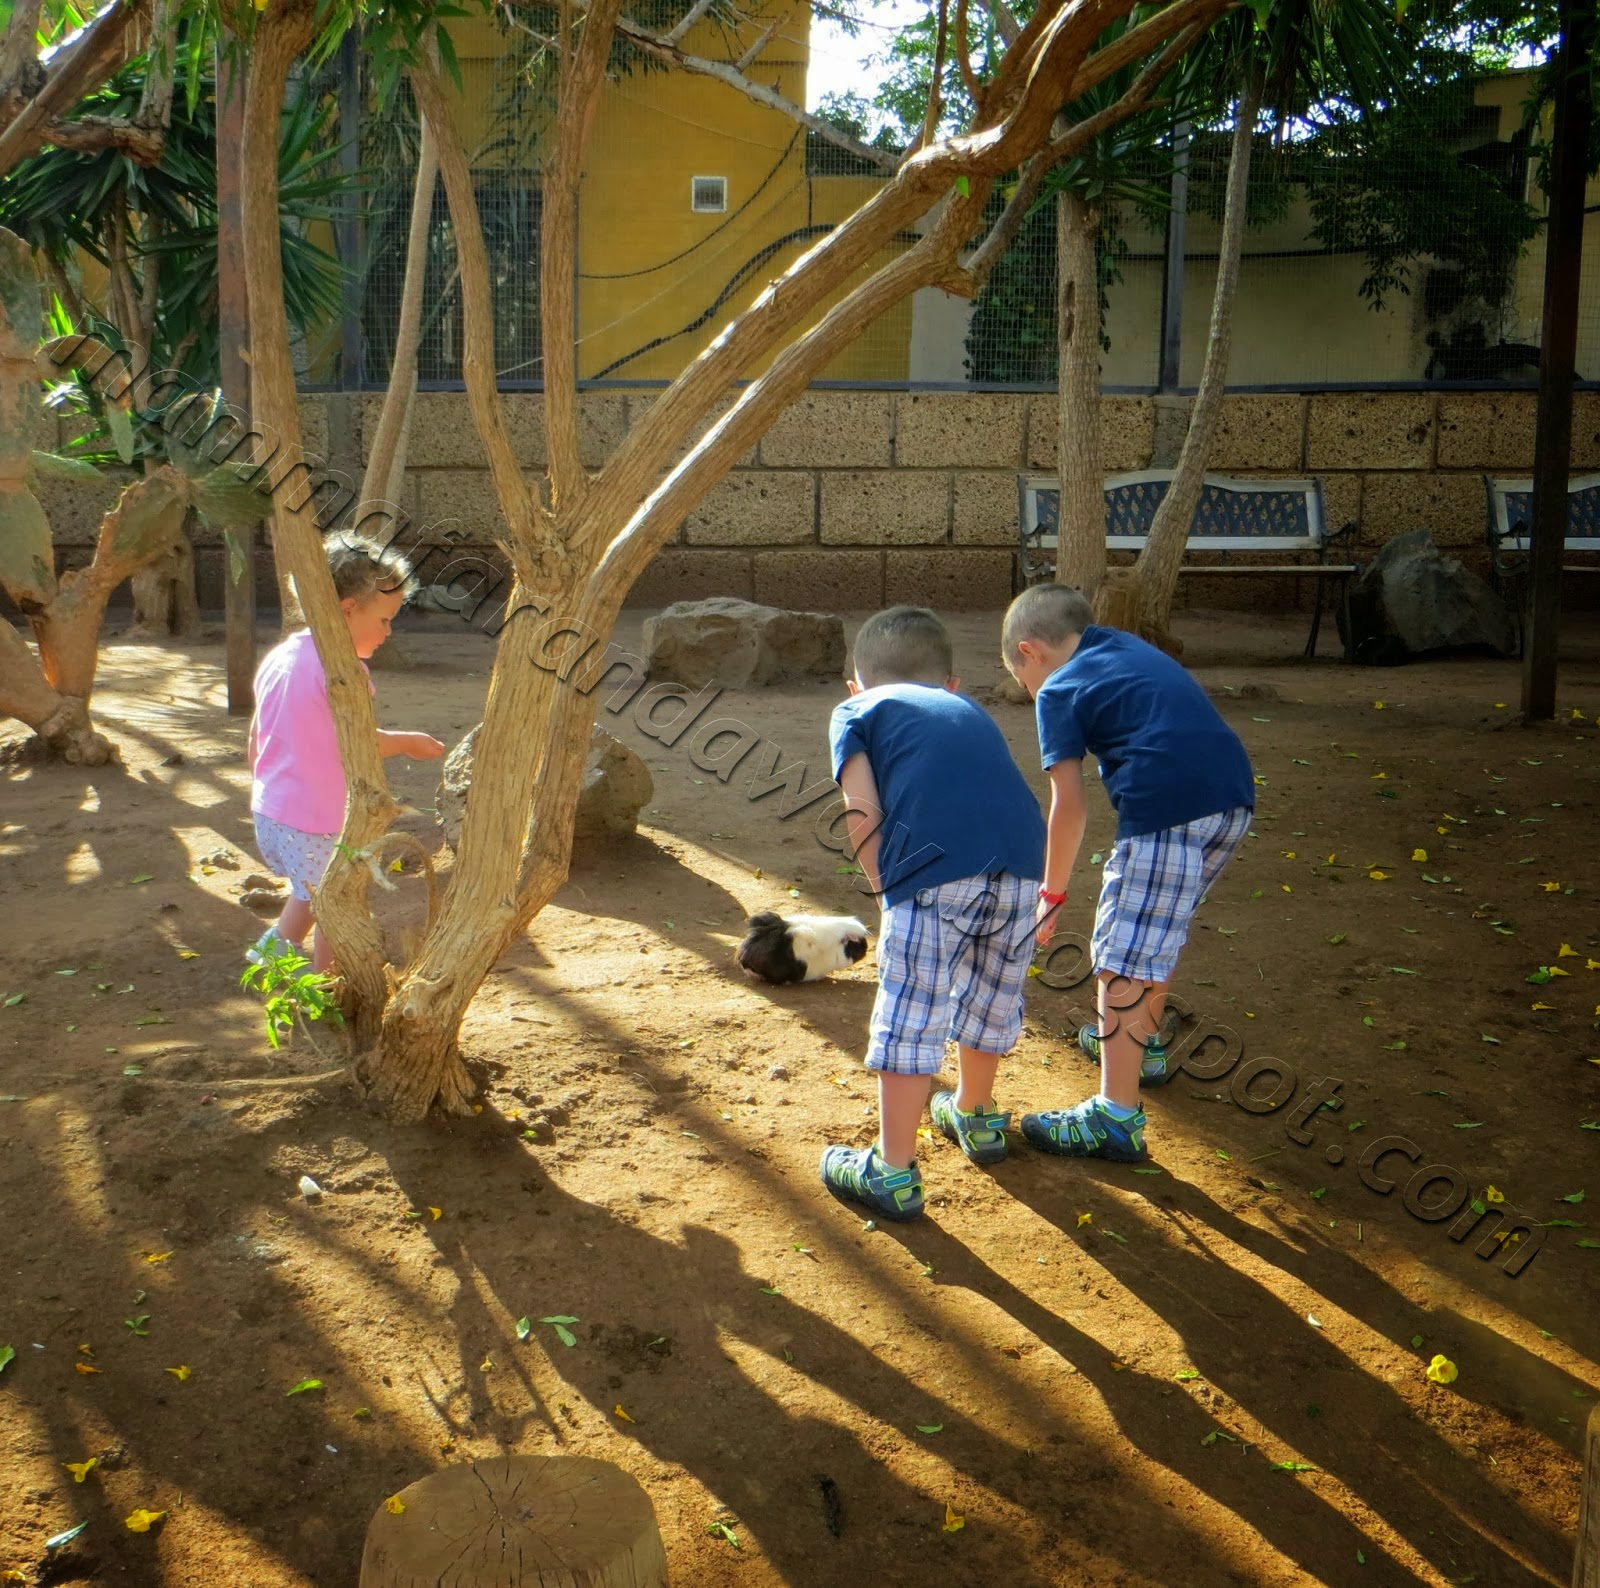 http://www.mammafarandaway.com/2015/01/100-viaggi-in-foto-da-fare-con-i-bambini.html